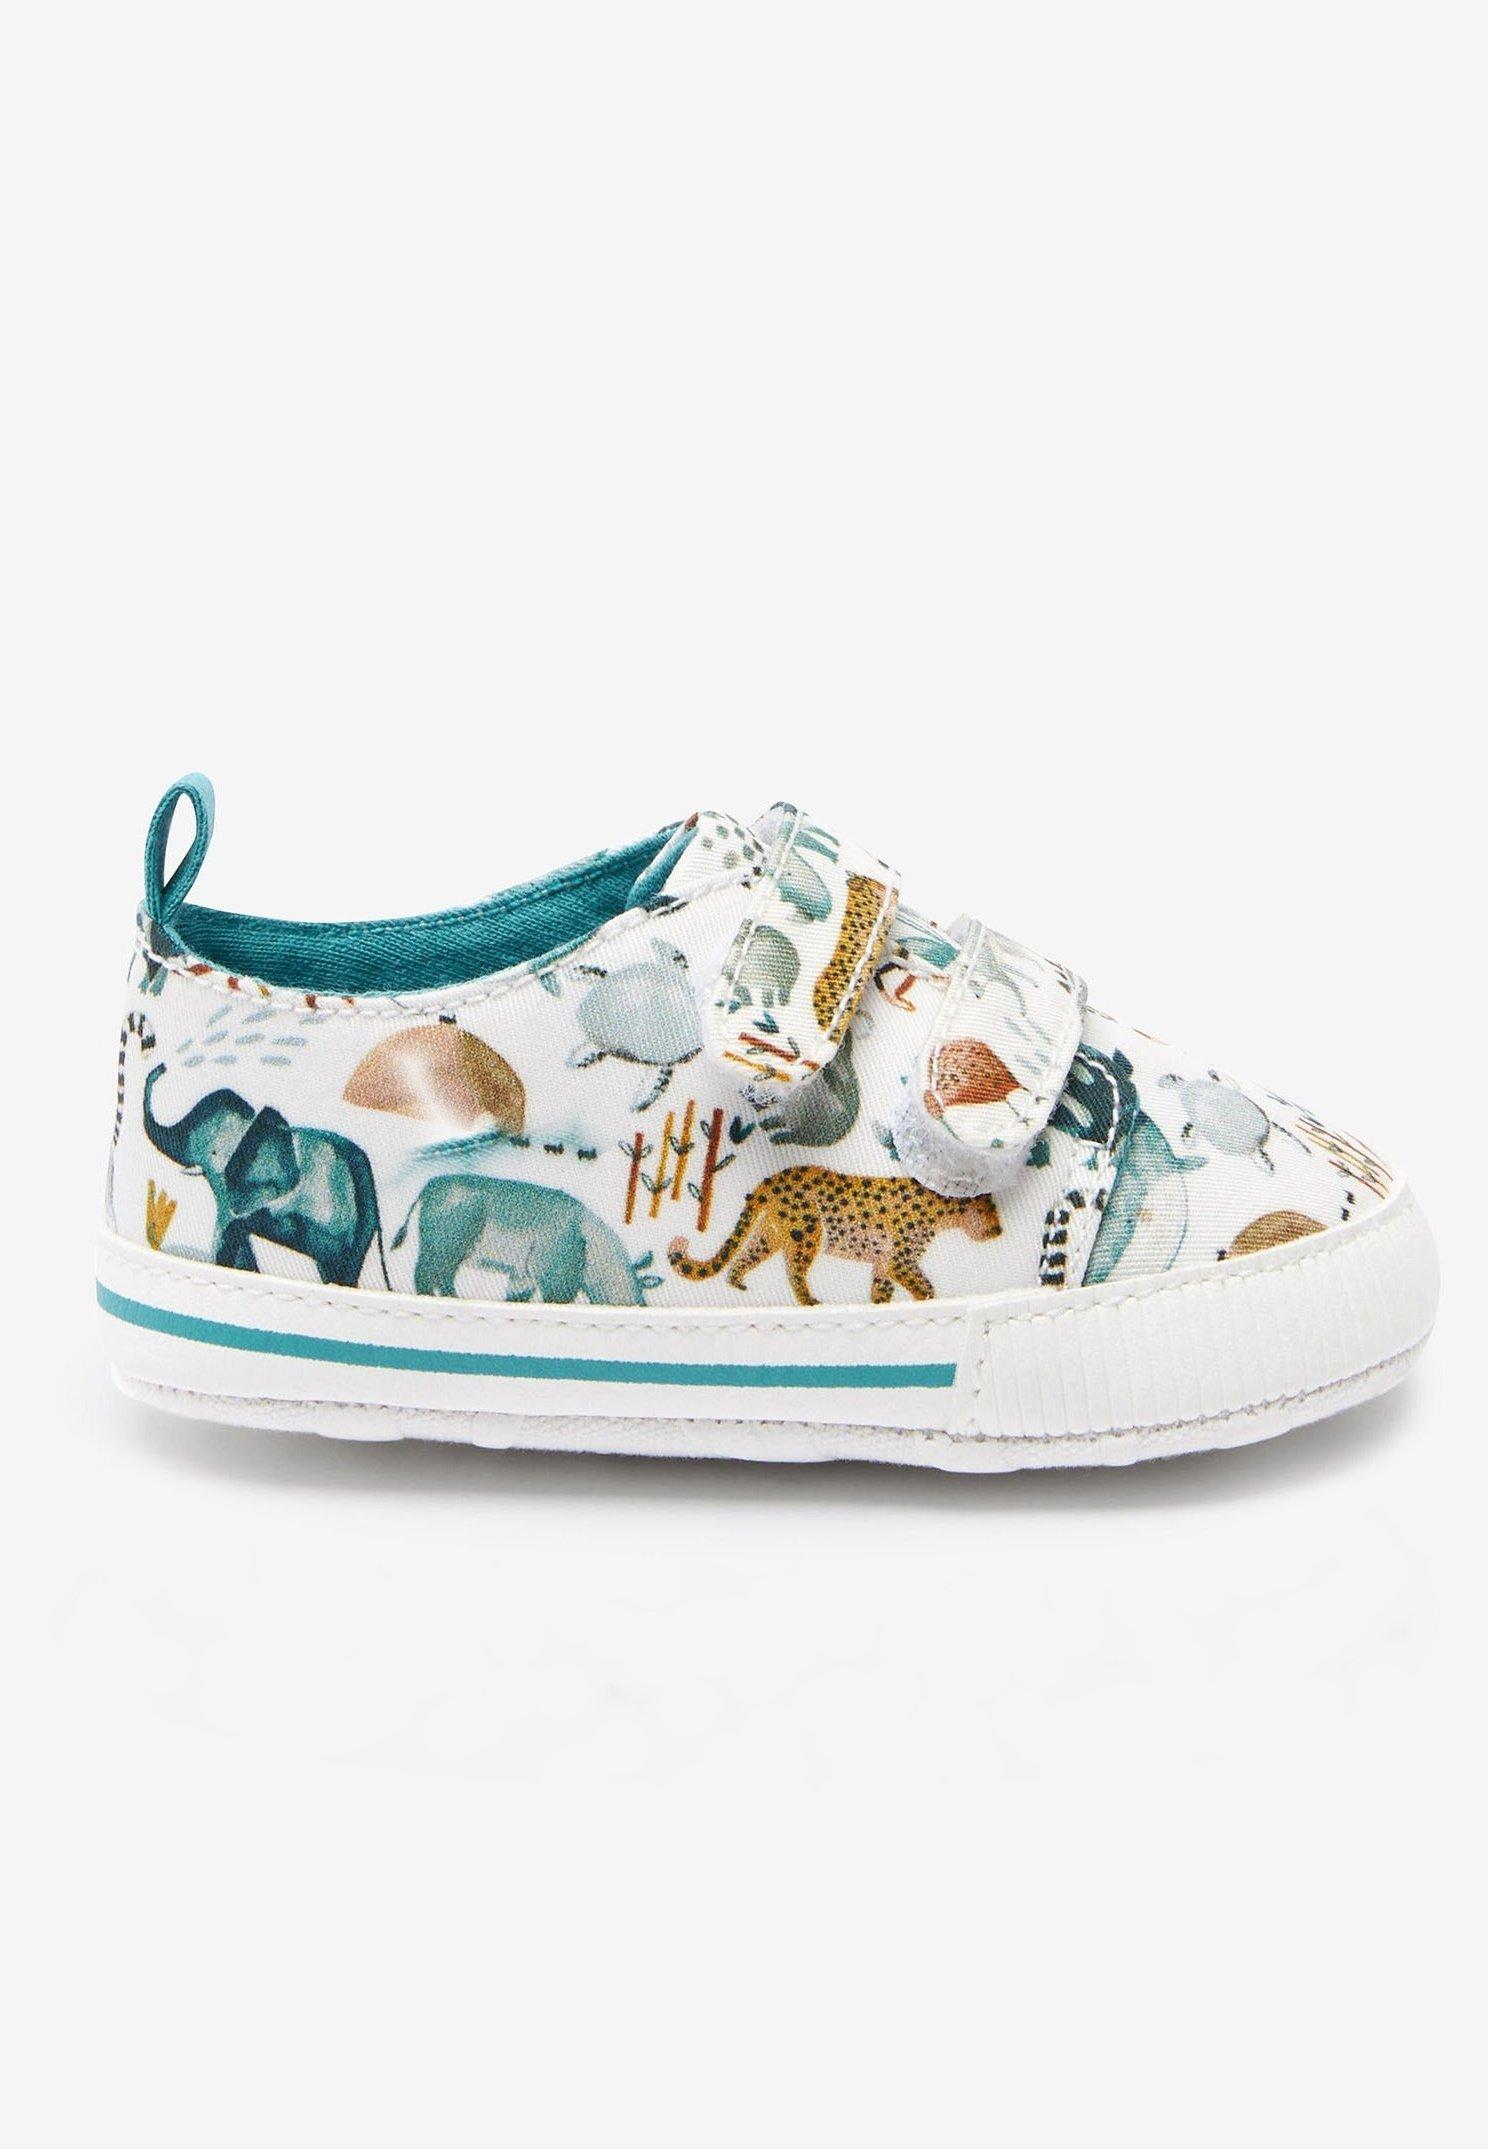 Niño TWO STRAP PRAM - Zapatos con cierre adhesivo